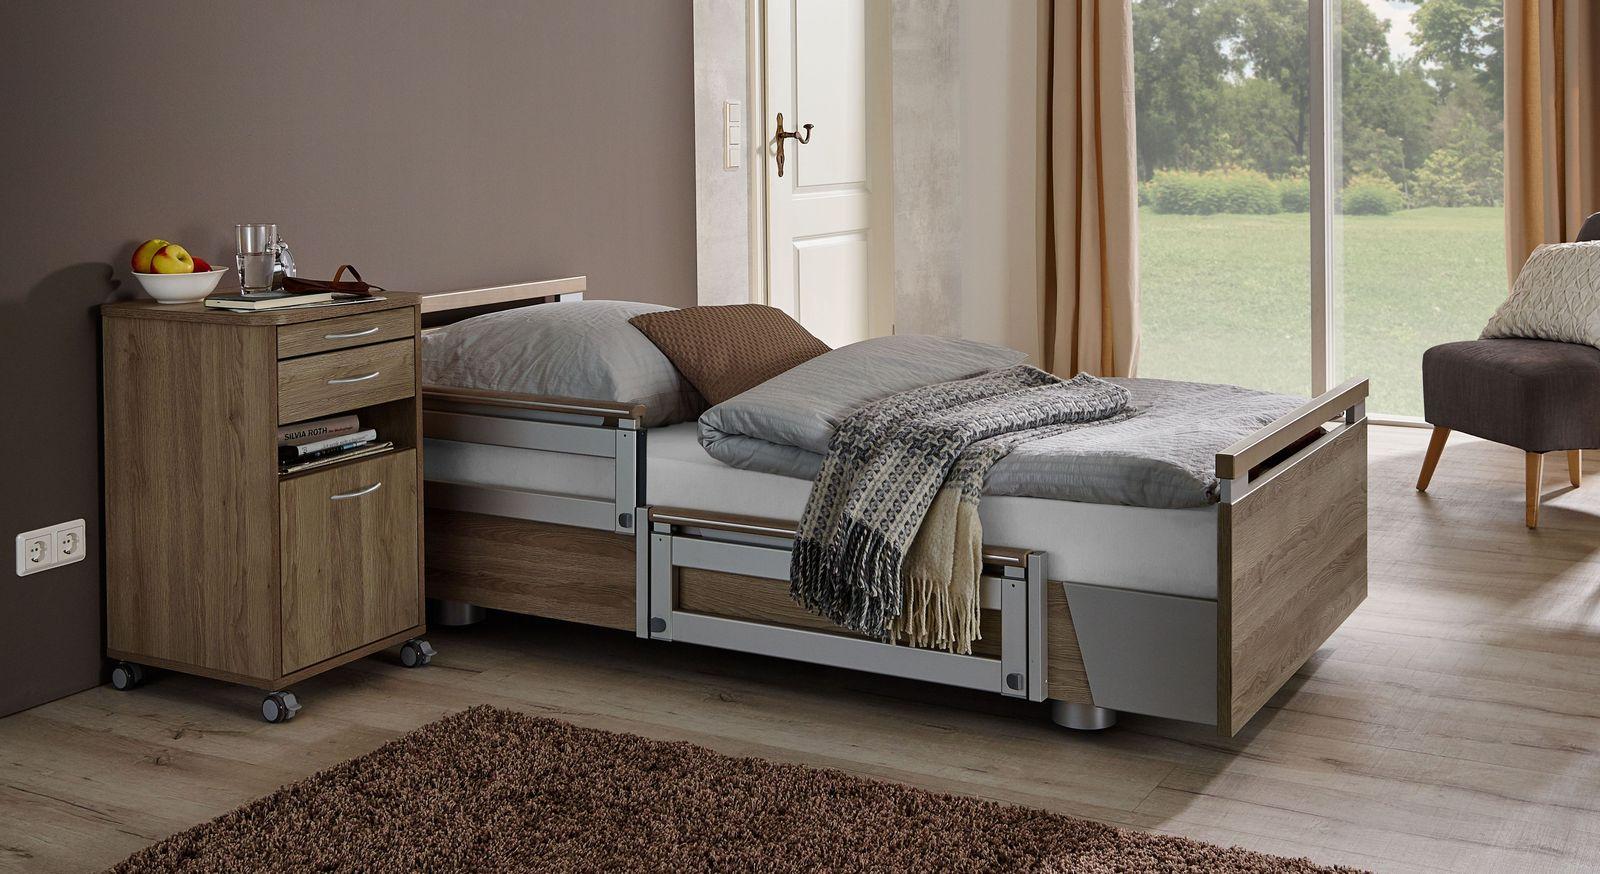 Komfortbett mit Pflegebett-Funktion Usedom mit stufenloser Verstellung per Fernbedienung